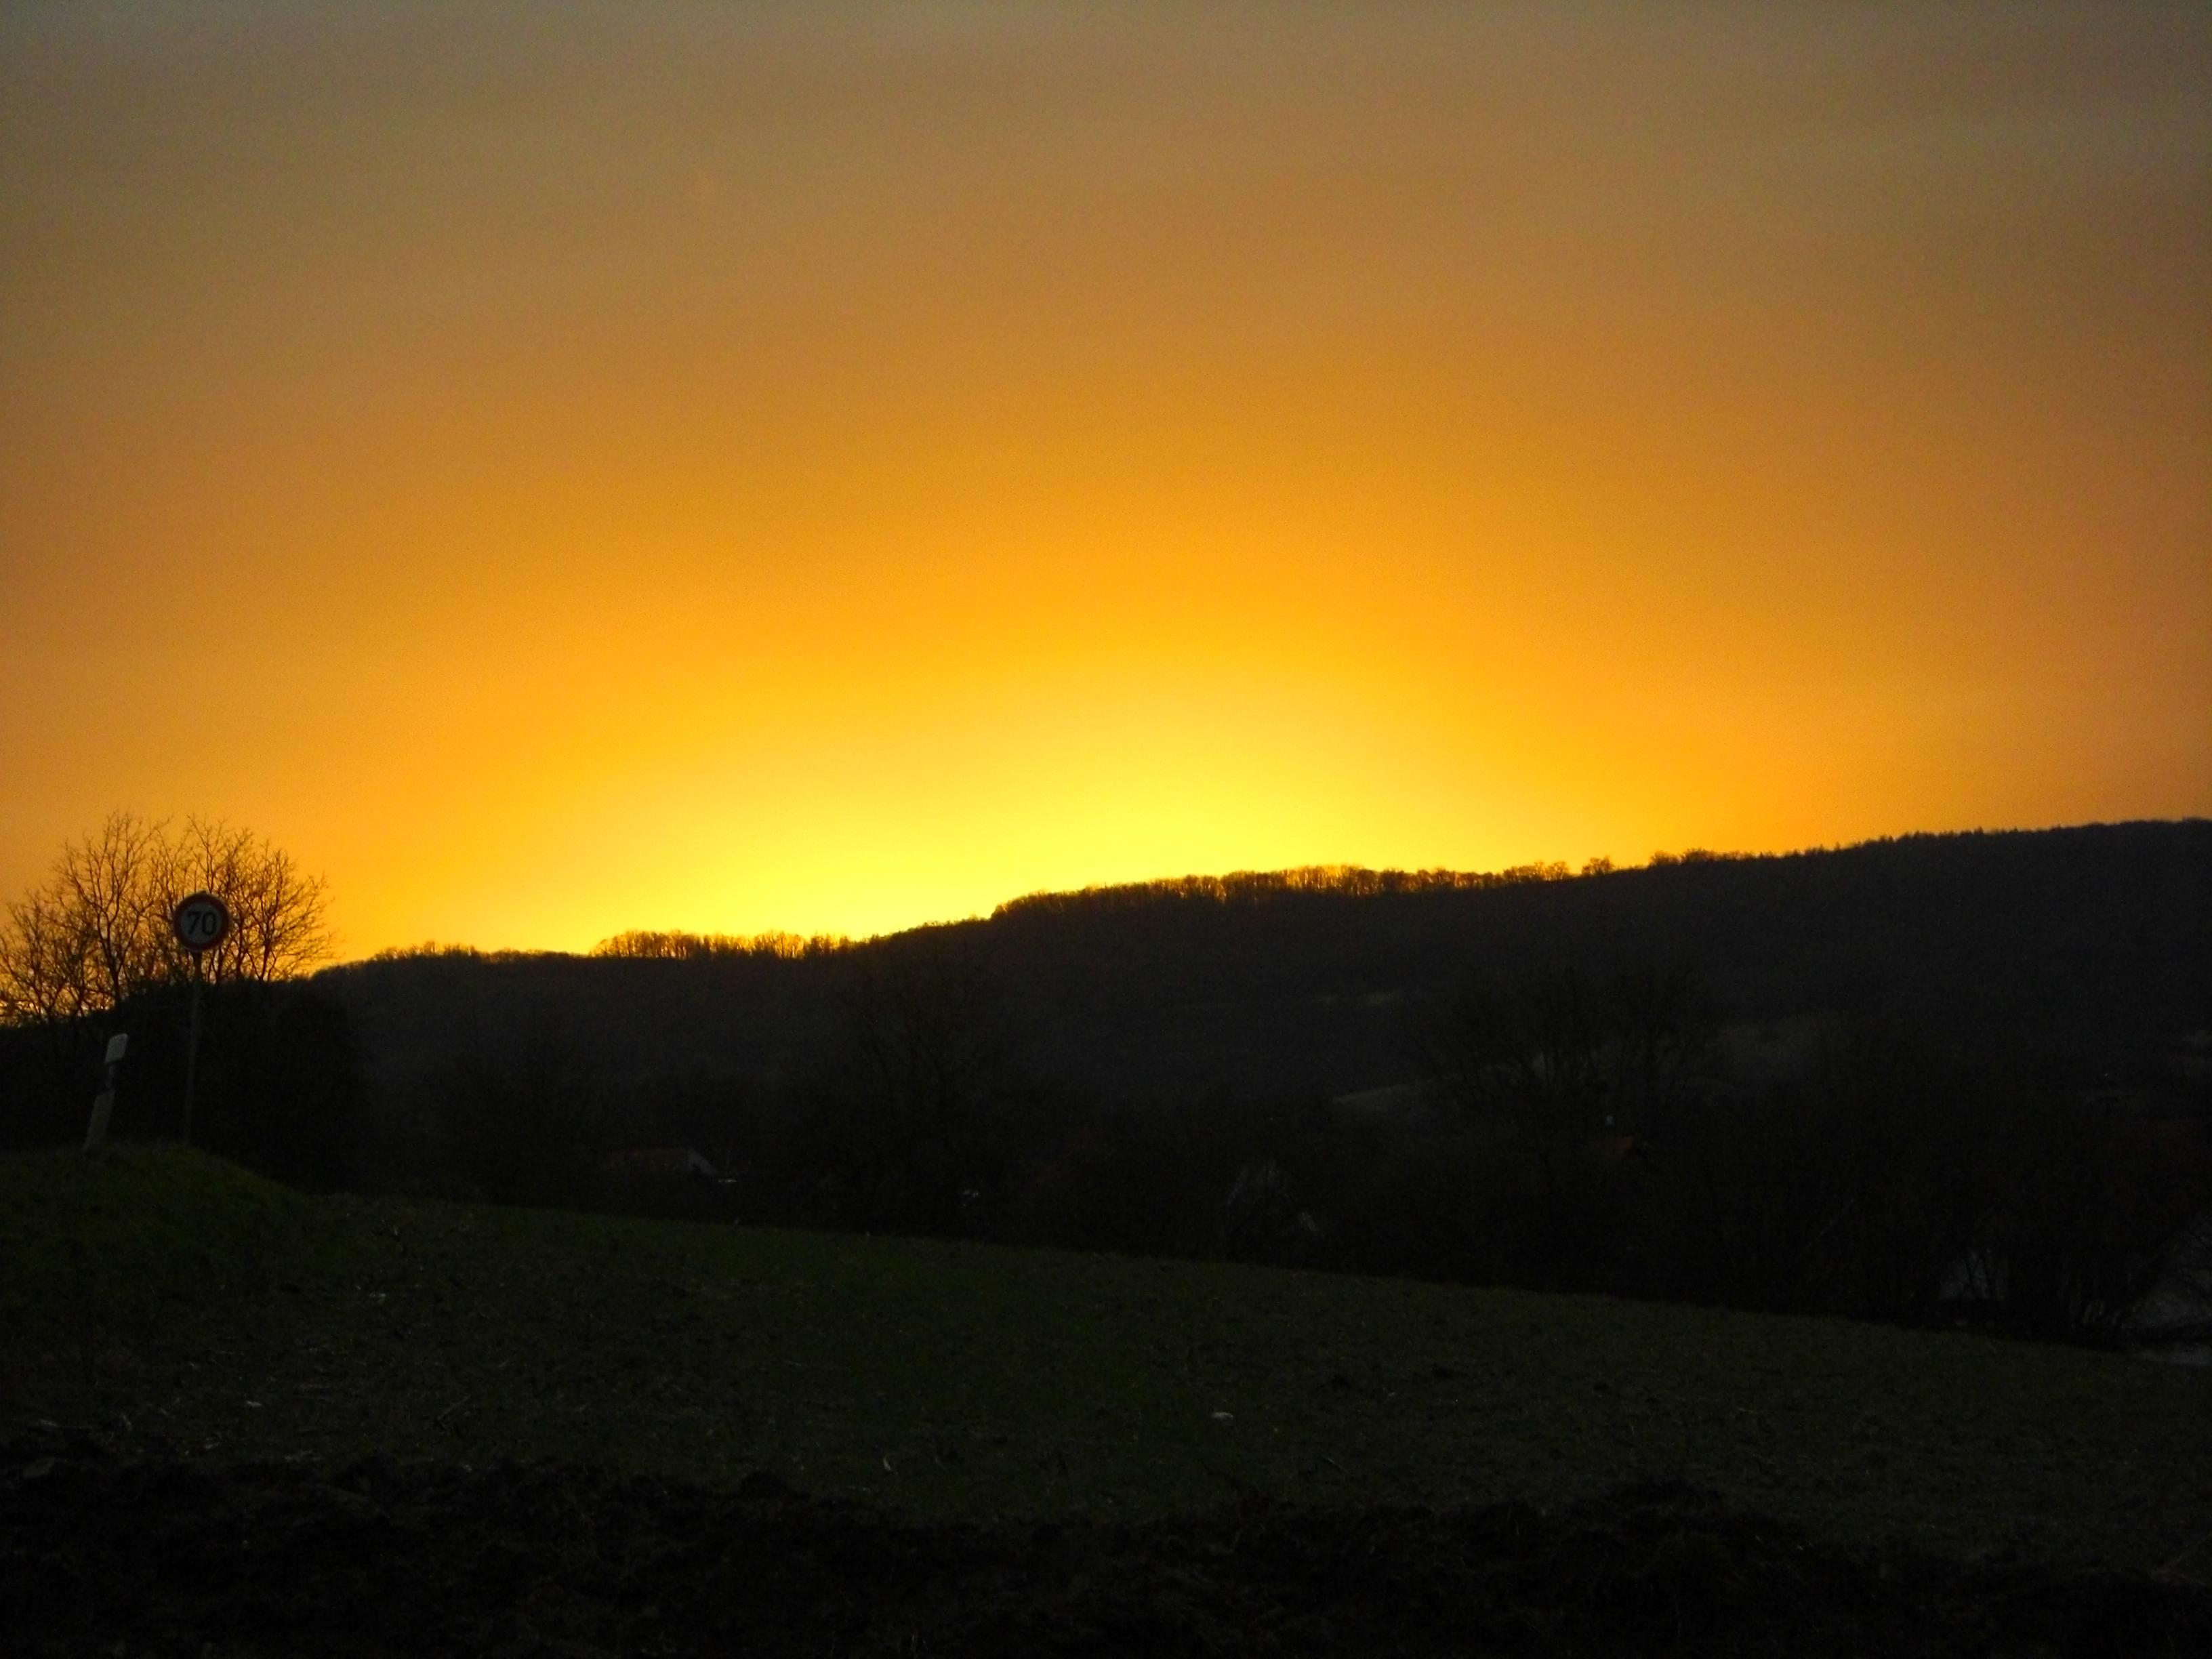 FileGerman dawn jpg Dawn